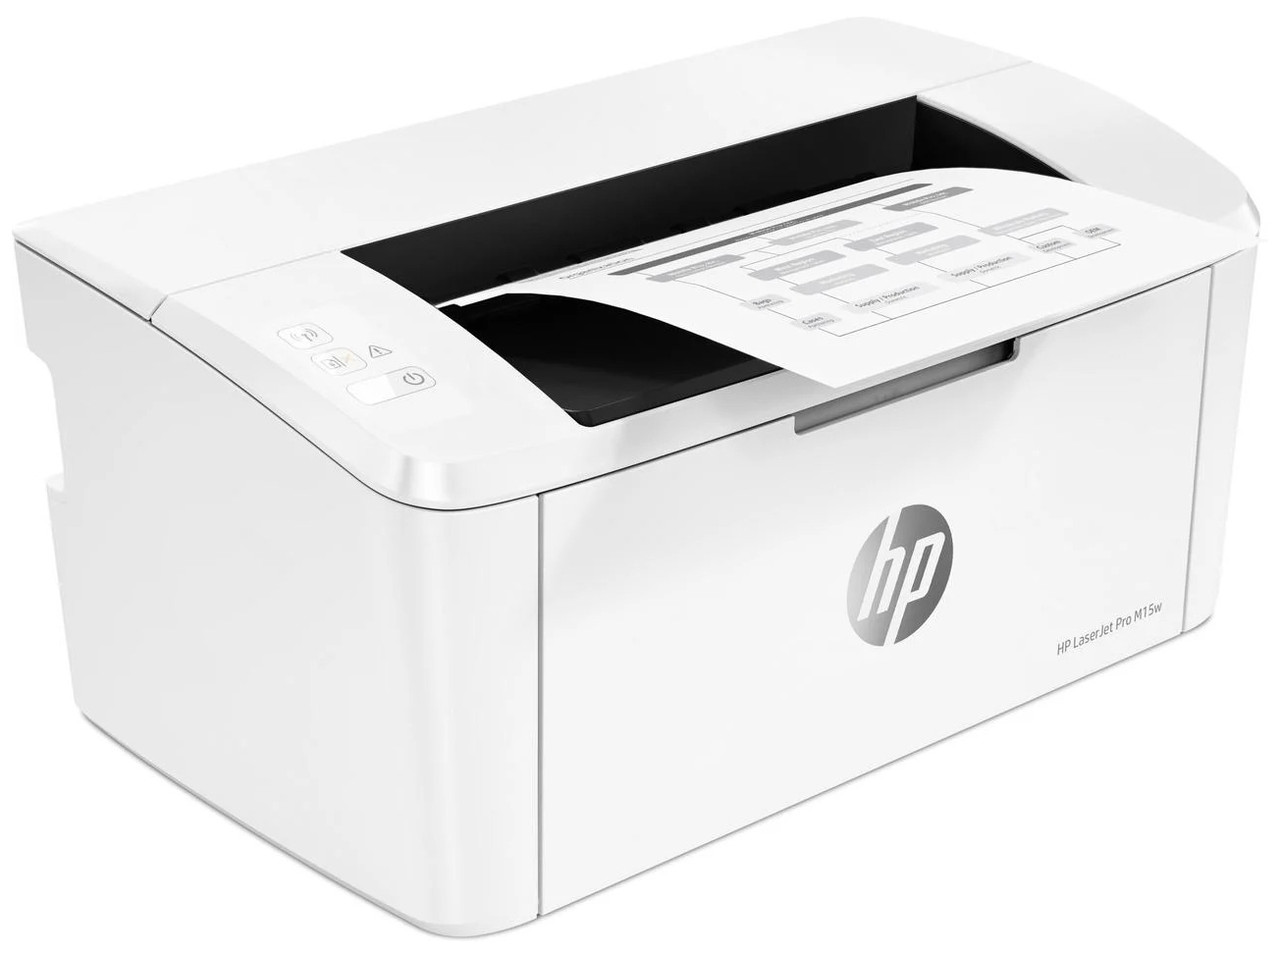 Лазерный принтер HP LaserJet Pro M15a (W2G50A) для дома и офиса, черно-белый (для дому і офісу, чорно-білий)